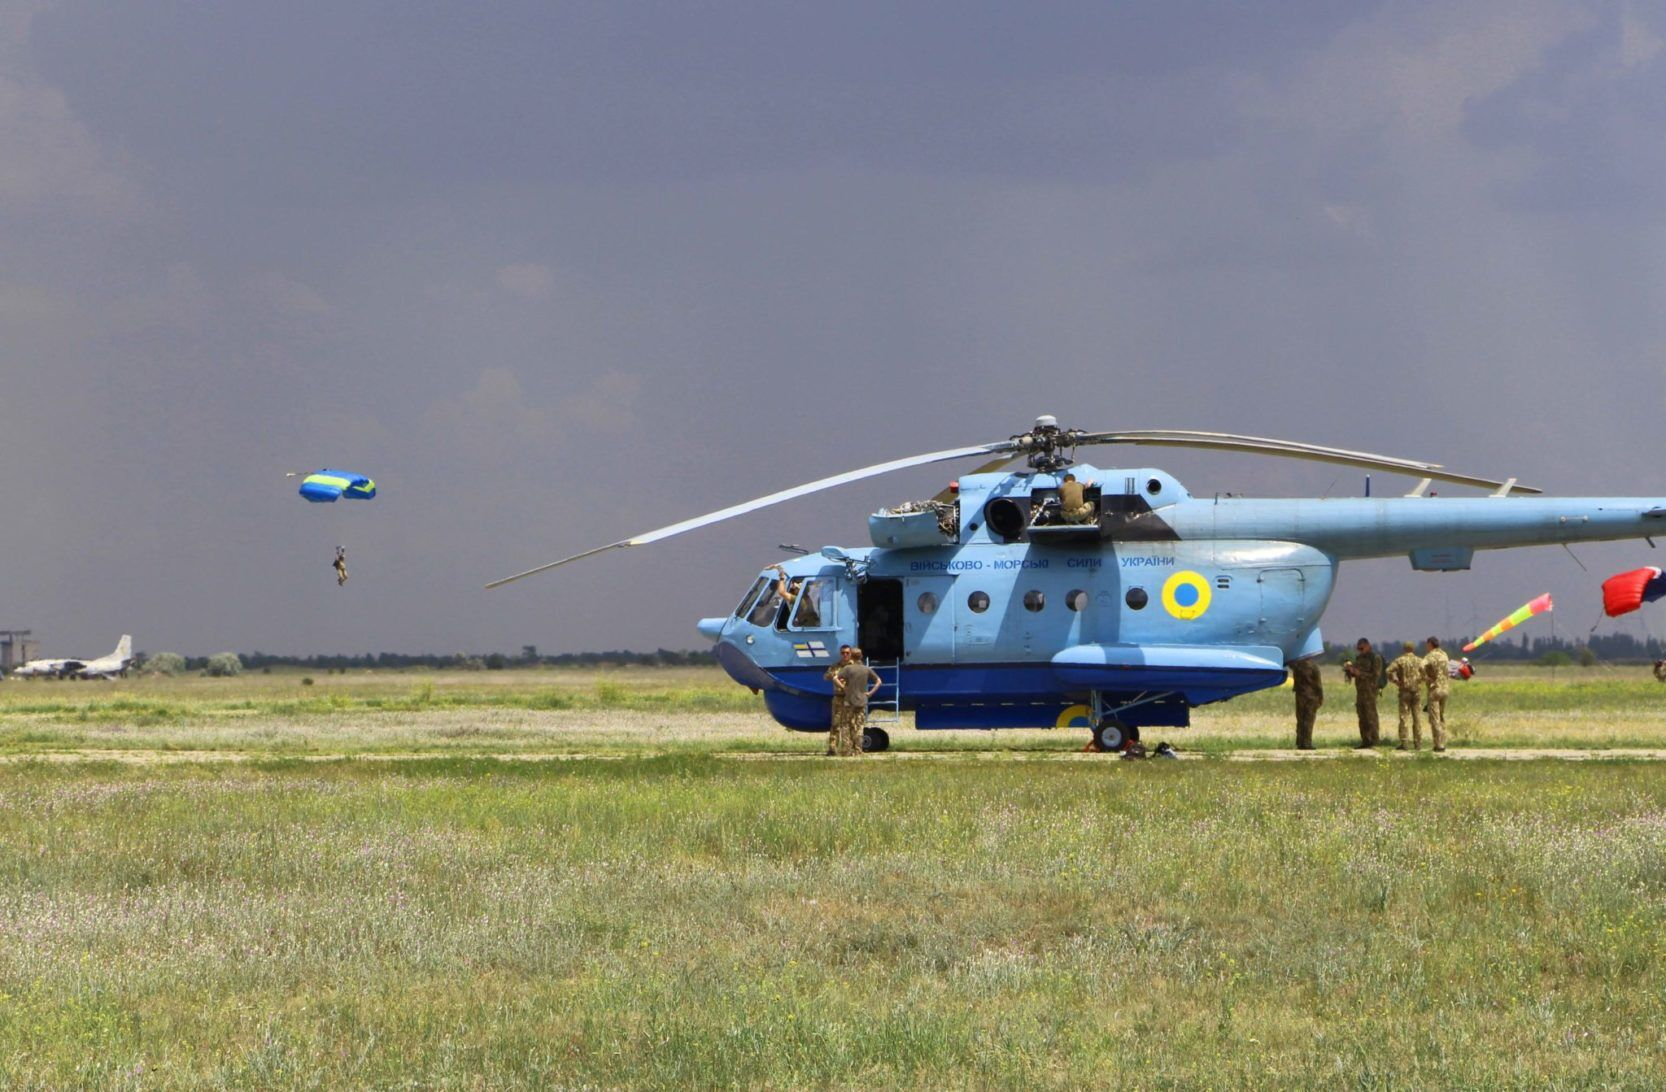 У Миколаївській області пройшли масштабні навчання морської авіації ЗСУ